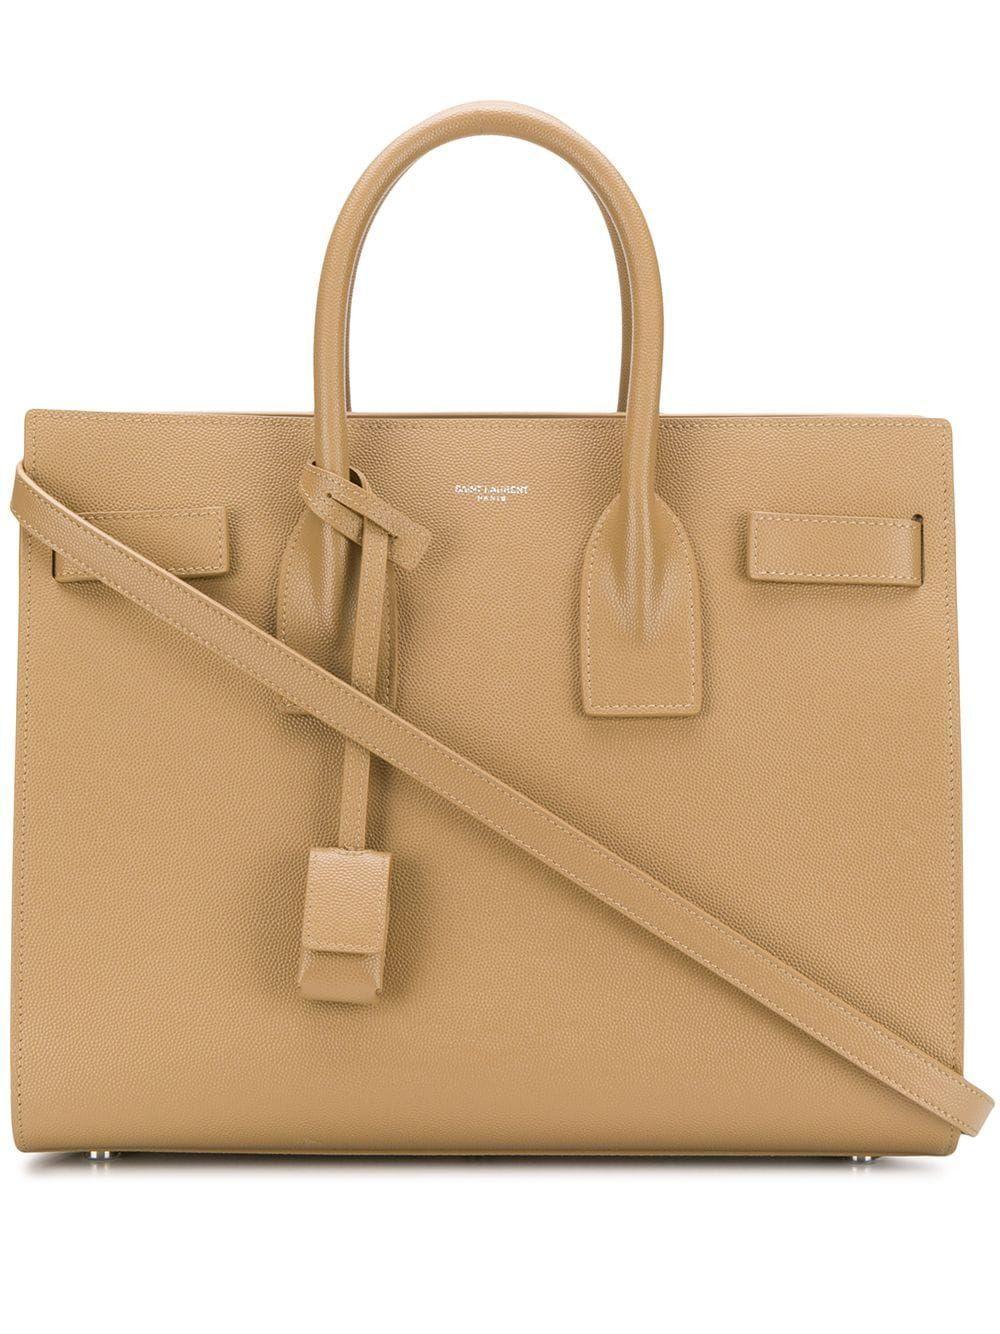 Sac De Jour Small Handbag